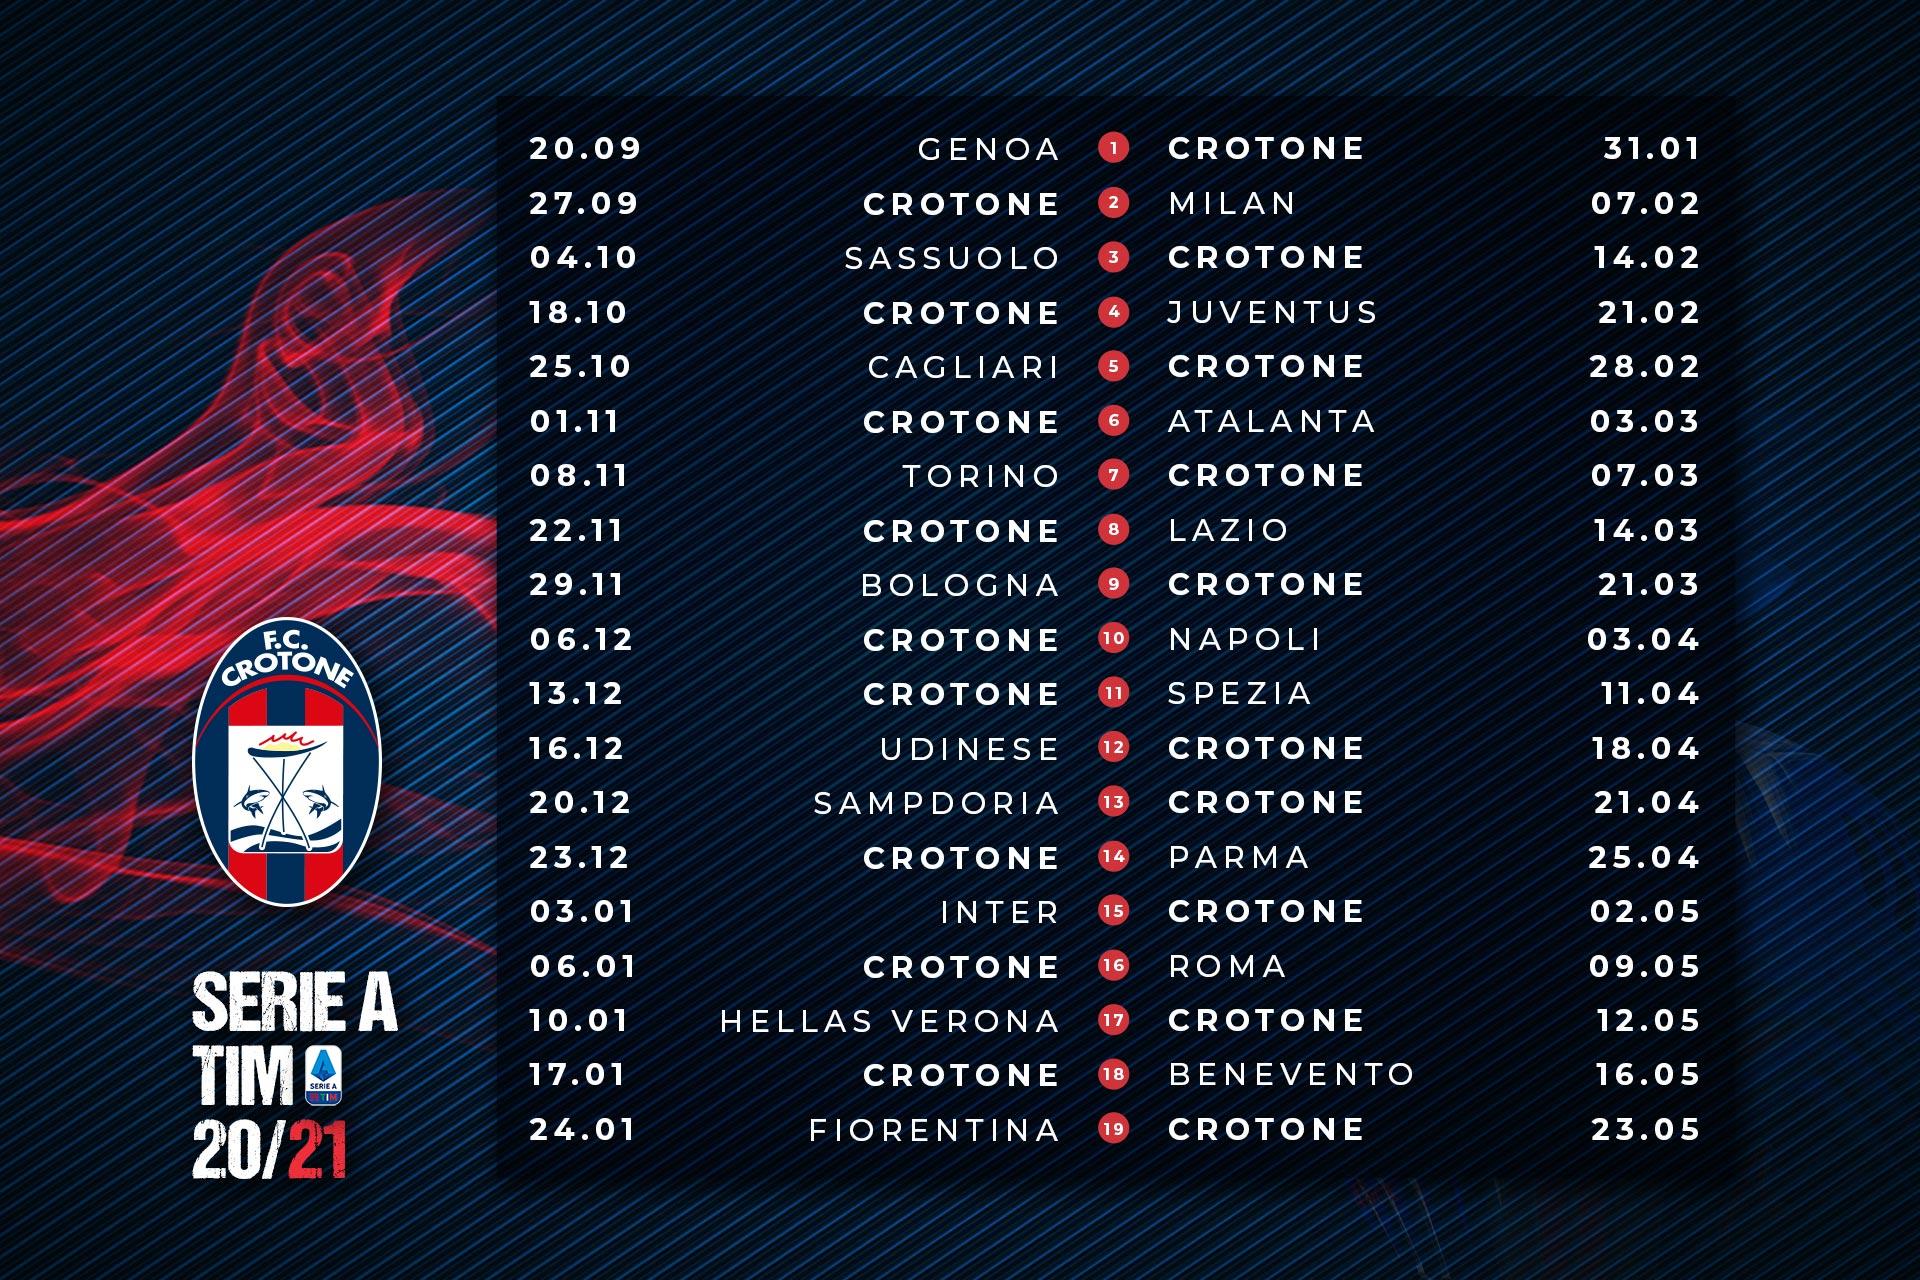 Serie A 2020 2021, esordio degli squali in casa del Genoa | F.C.